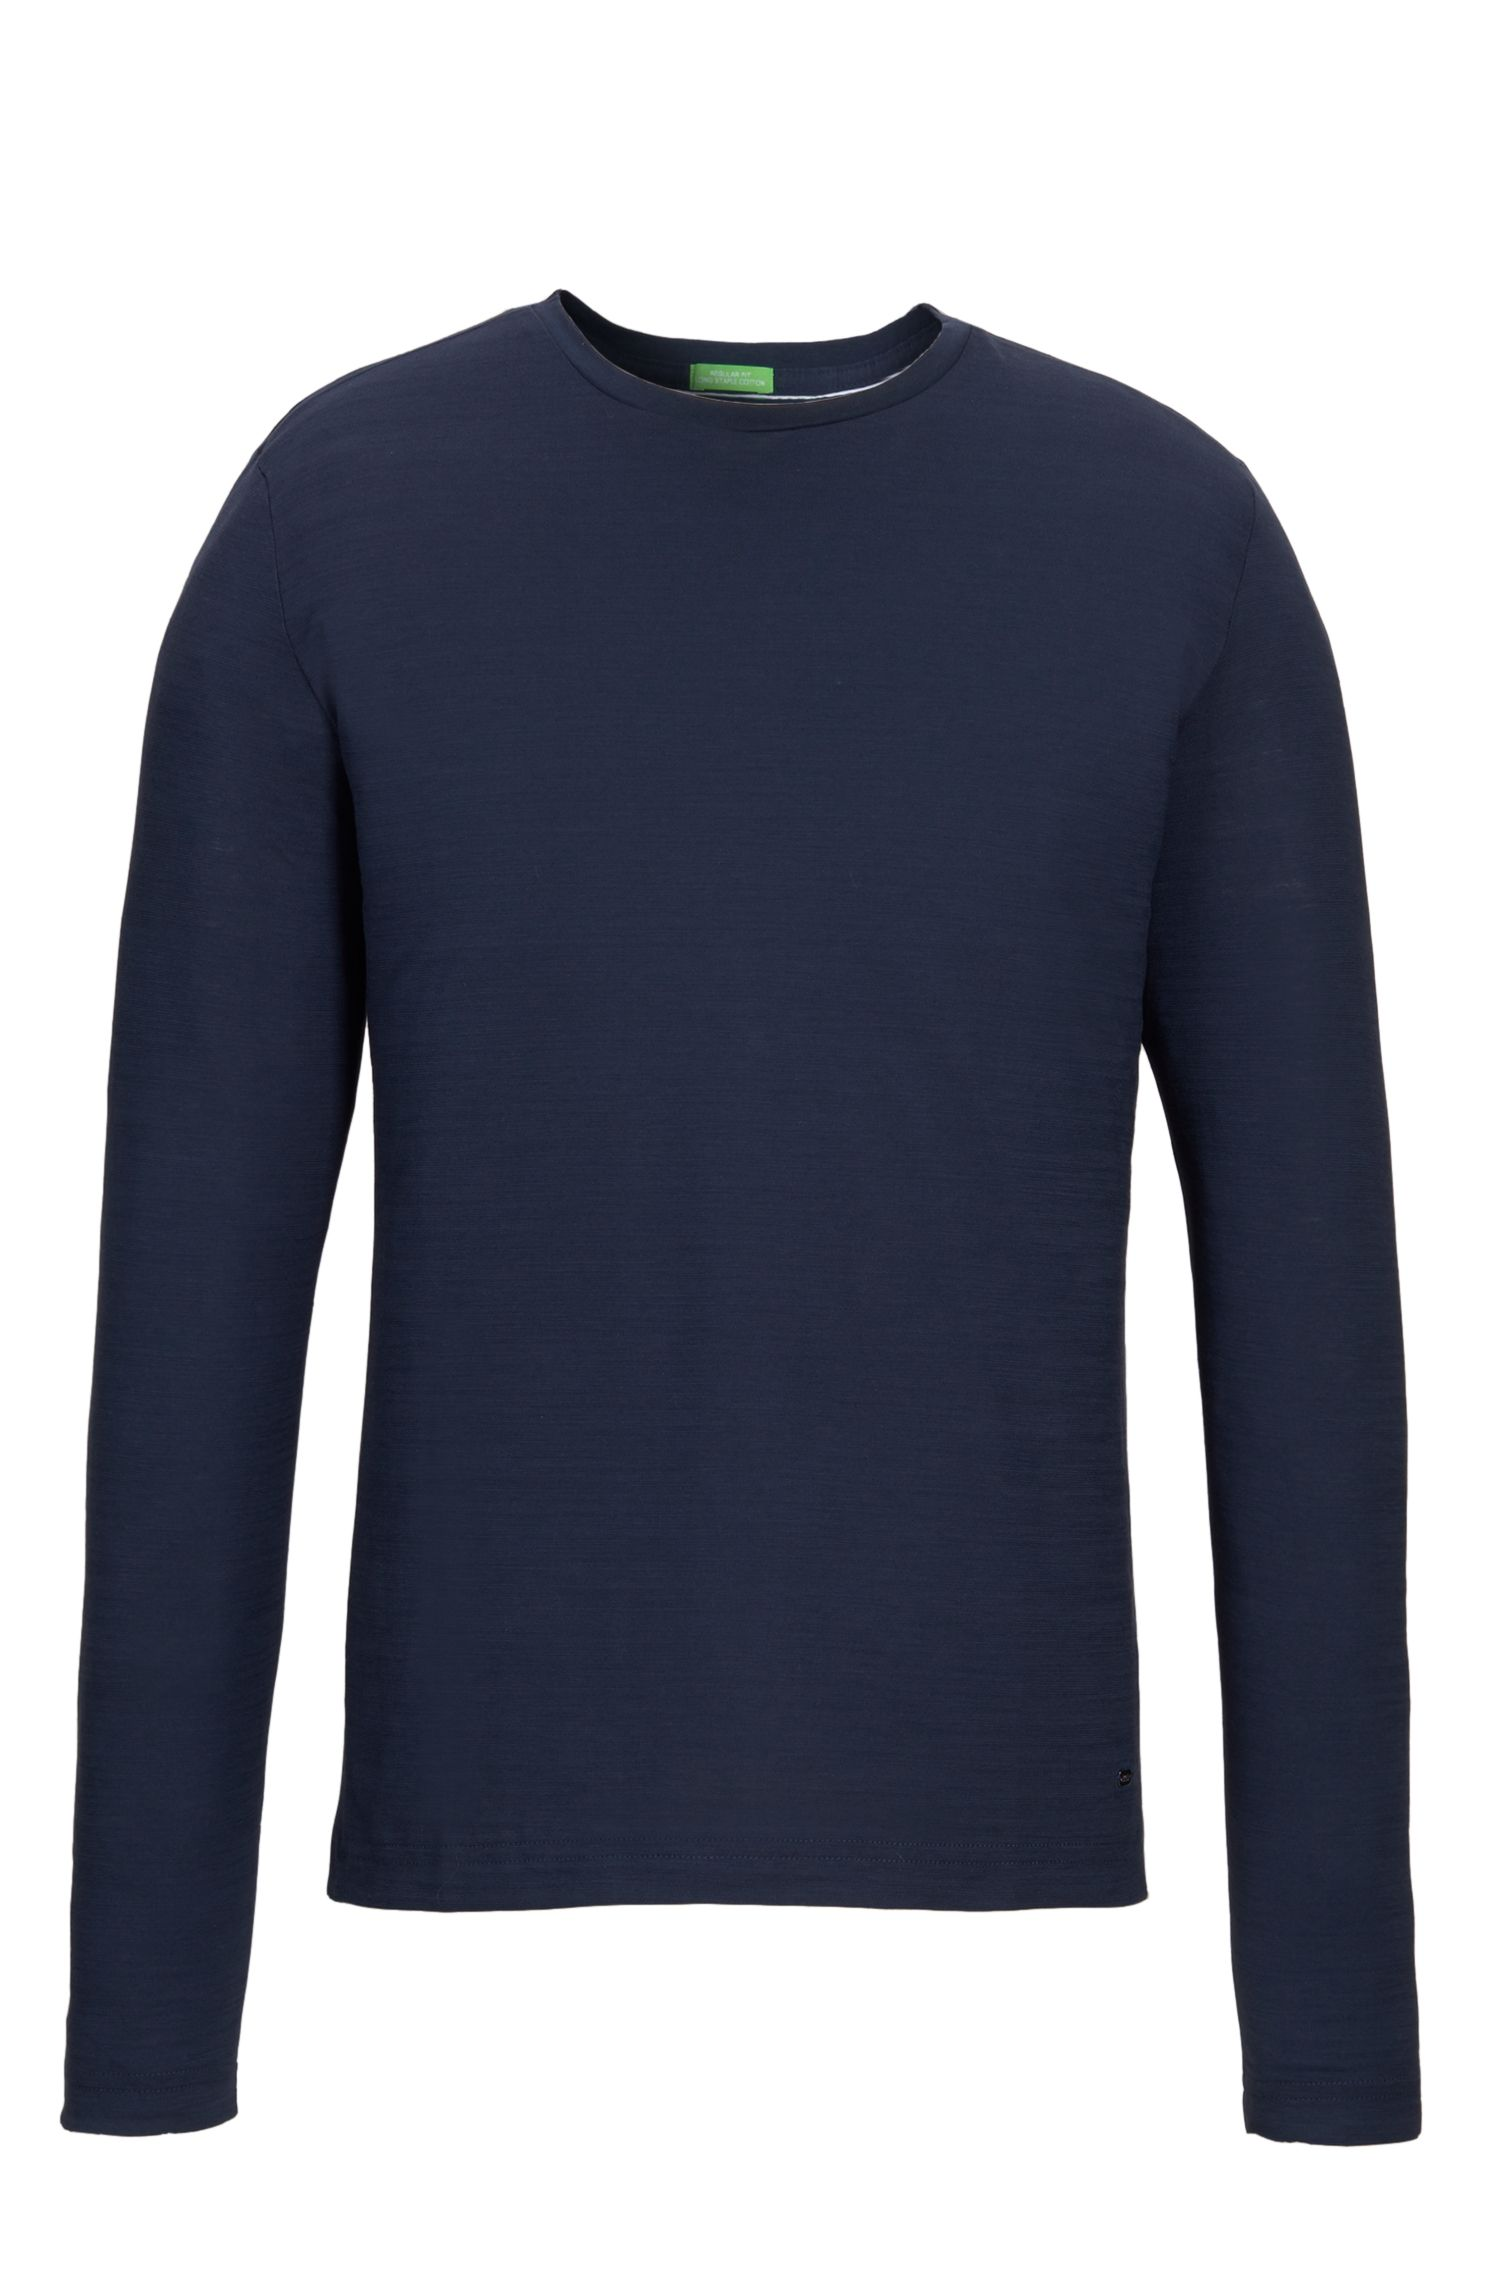 Cotton Sweater | Sessari US, Dark Blue